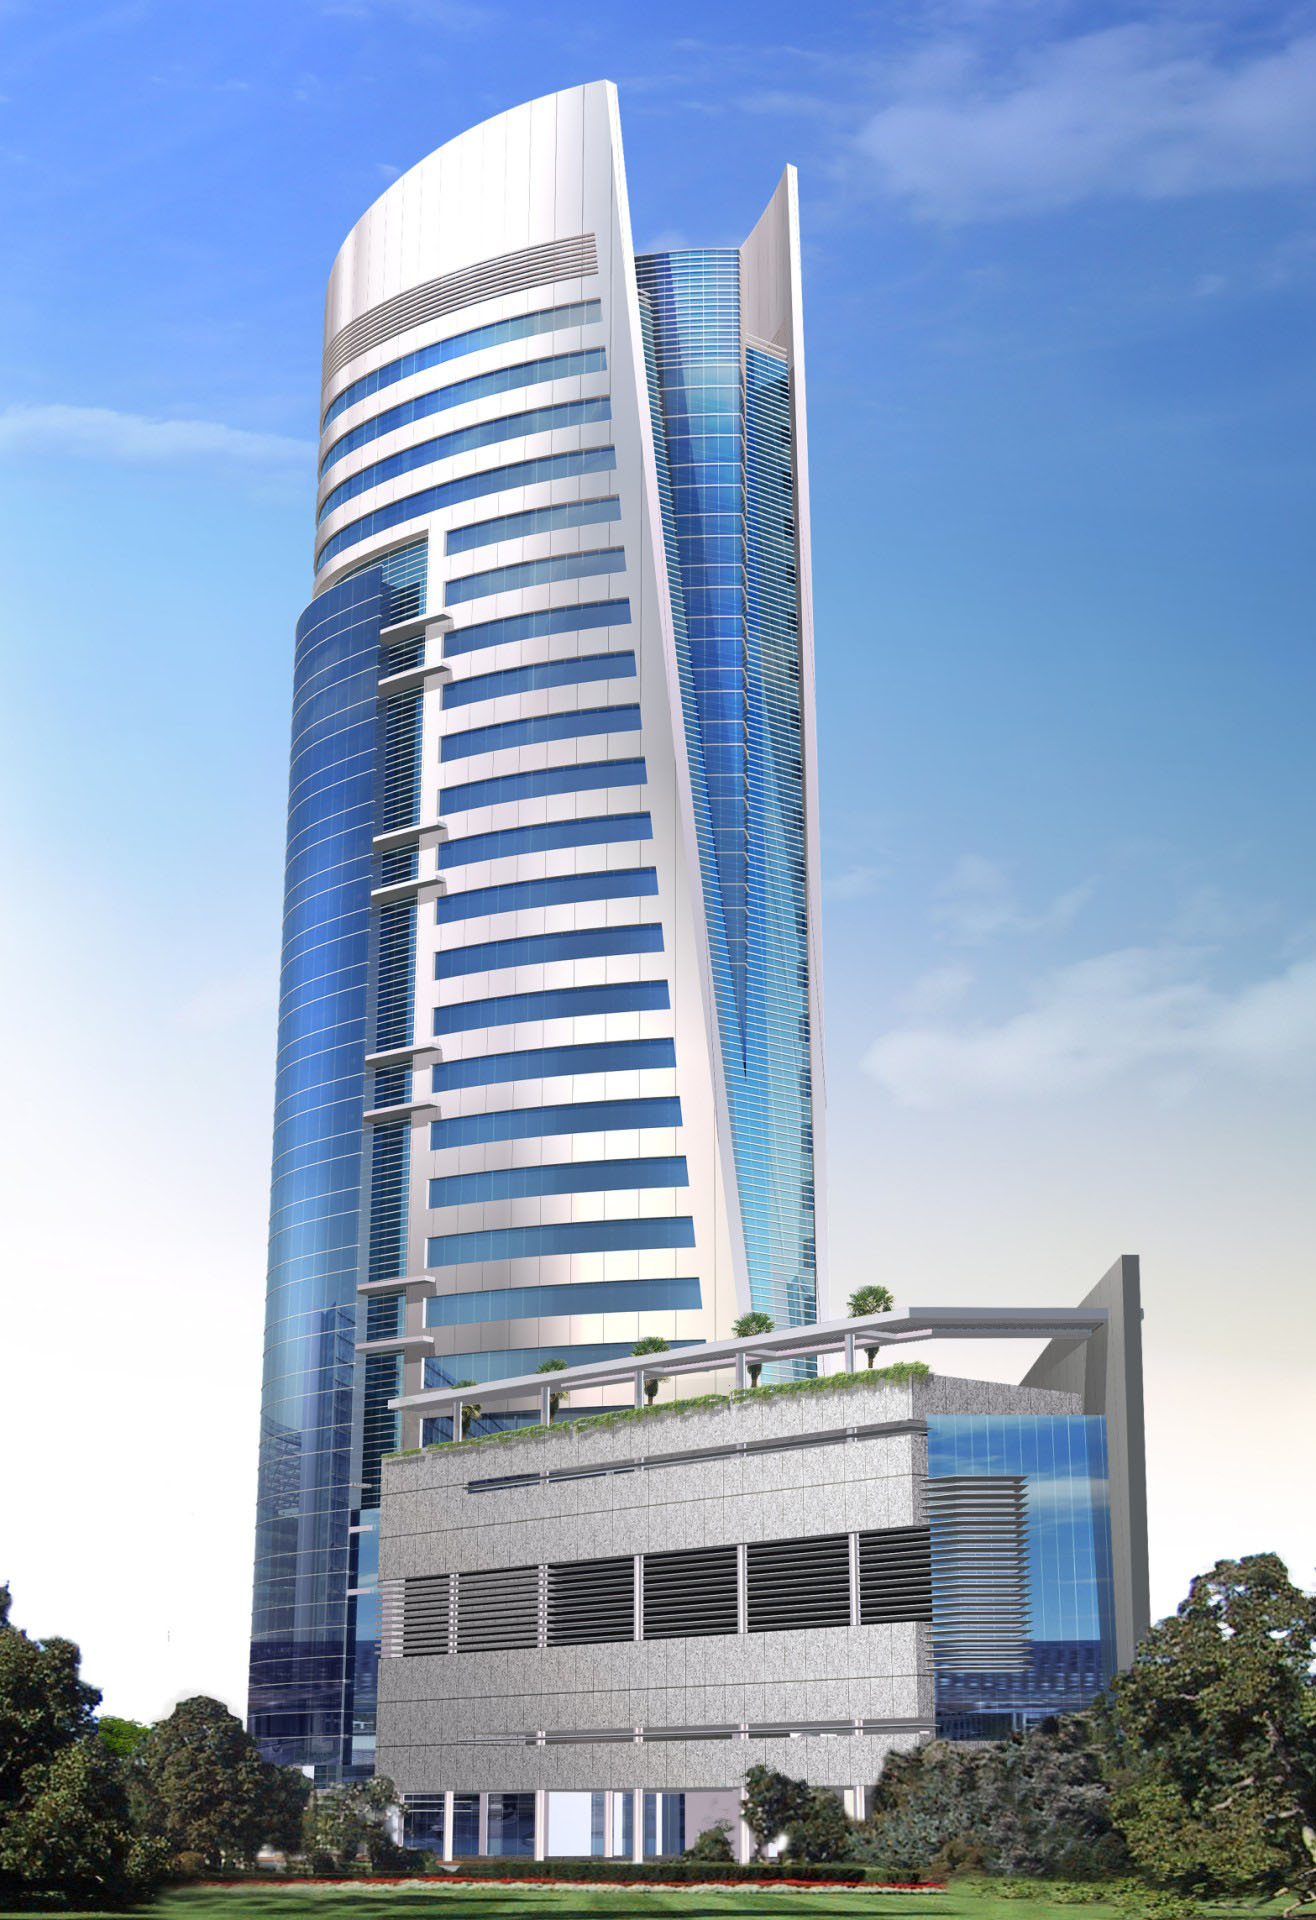 Al Ameri Hotel Apartments Project - Airport Road